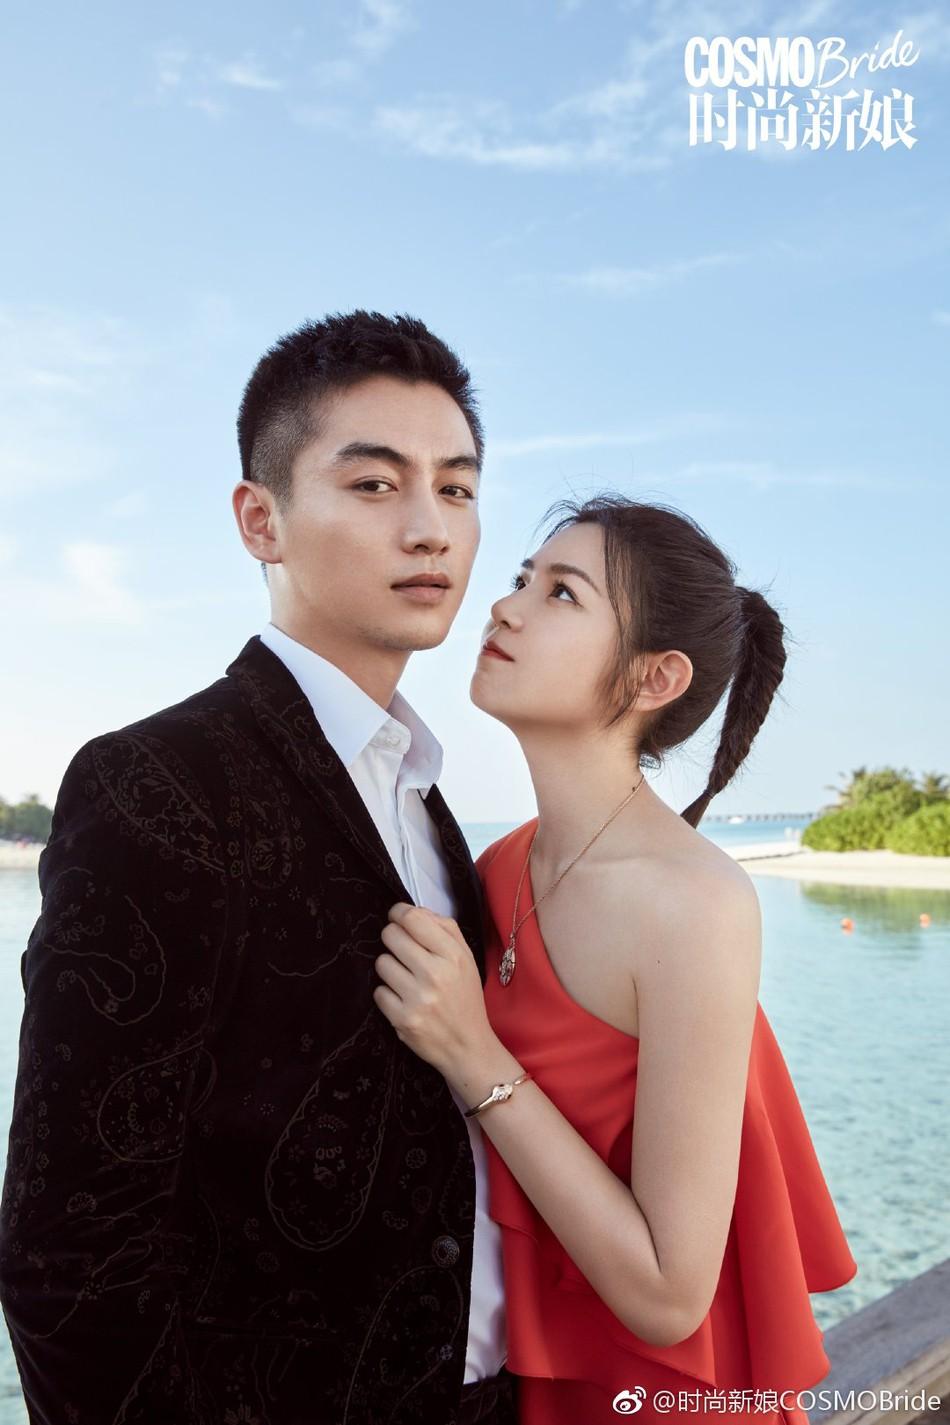 Trọn vẹn bộ ảnh cưới cặp đôi Trần Hiểu - Trần Nghiên Hy chụp lần 2 hâm nóng tình cảm vợ chồng - Ảnh 4.